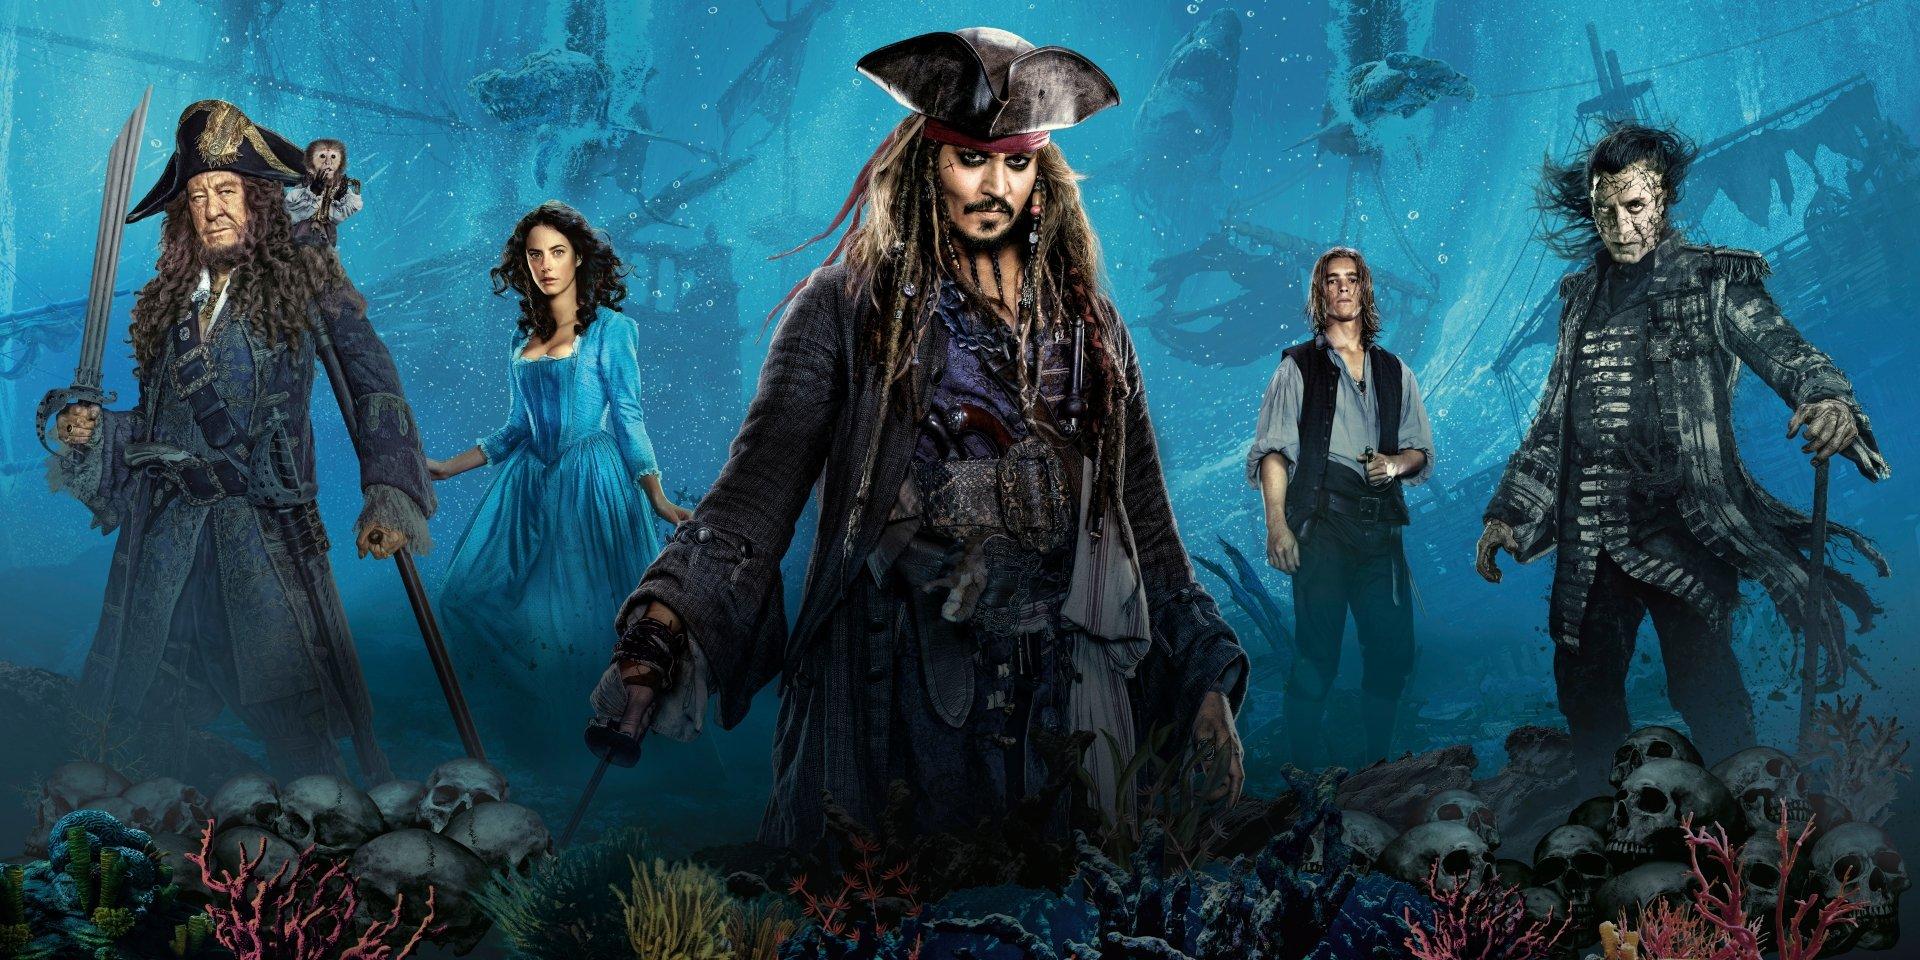 Fondos de Piratas del Caribe 5, Wallpapers Pirates of the Caribbean 2017